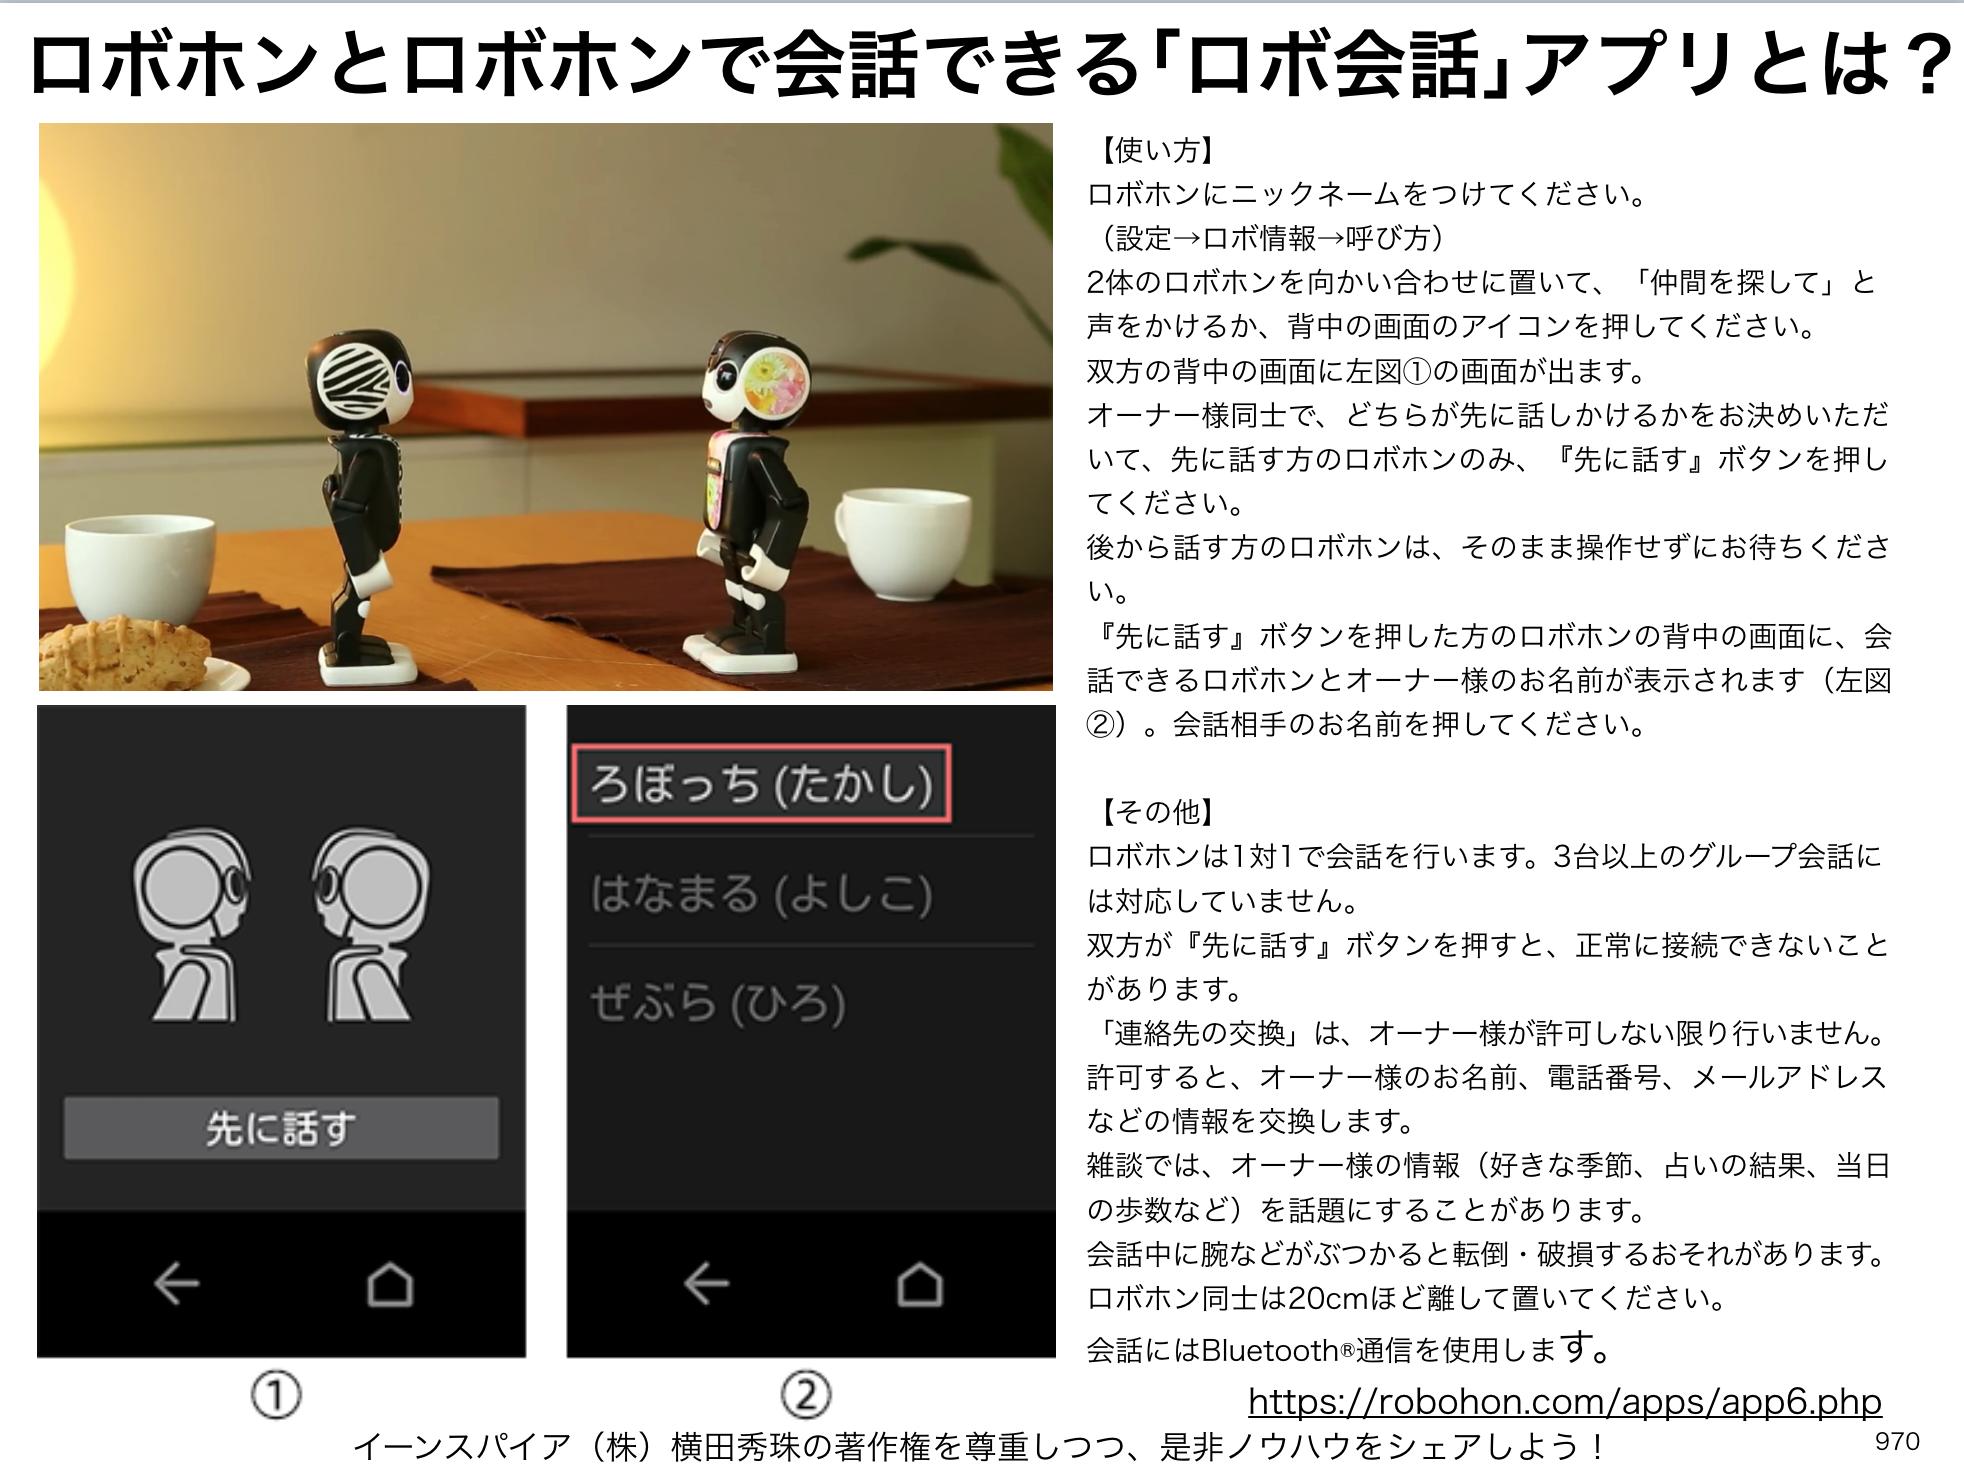 ロボホンとロボホンで会話する人工知能(AI)アプリ「ロボ会話」